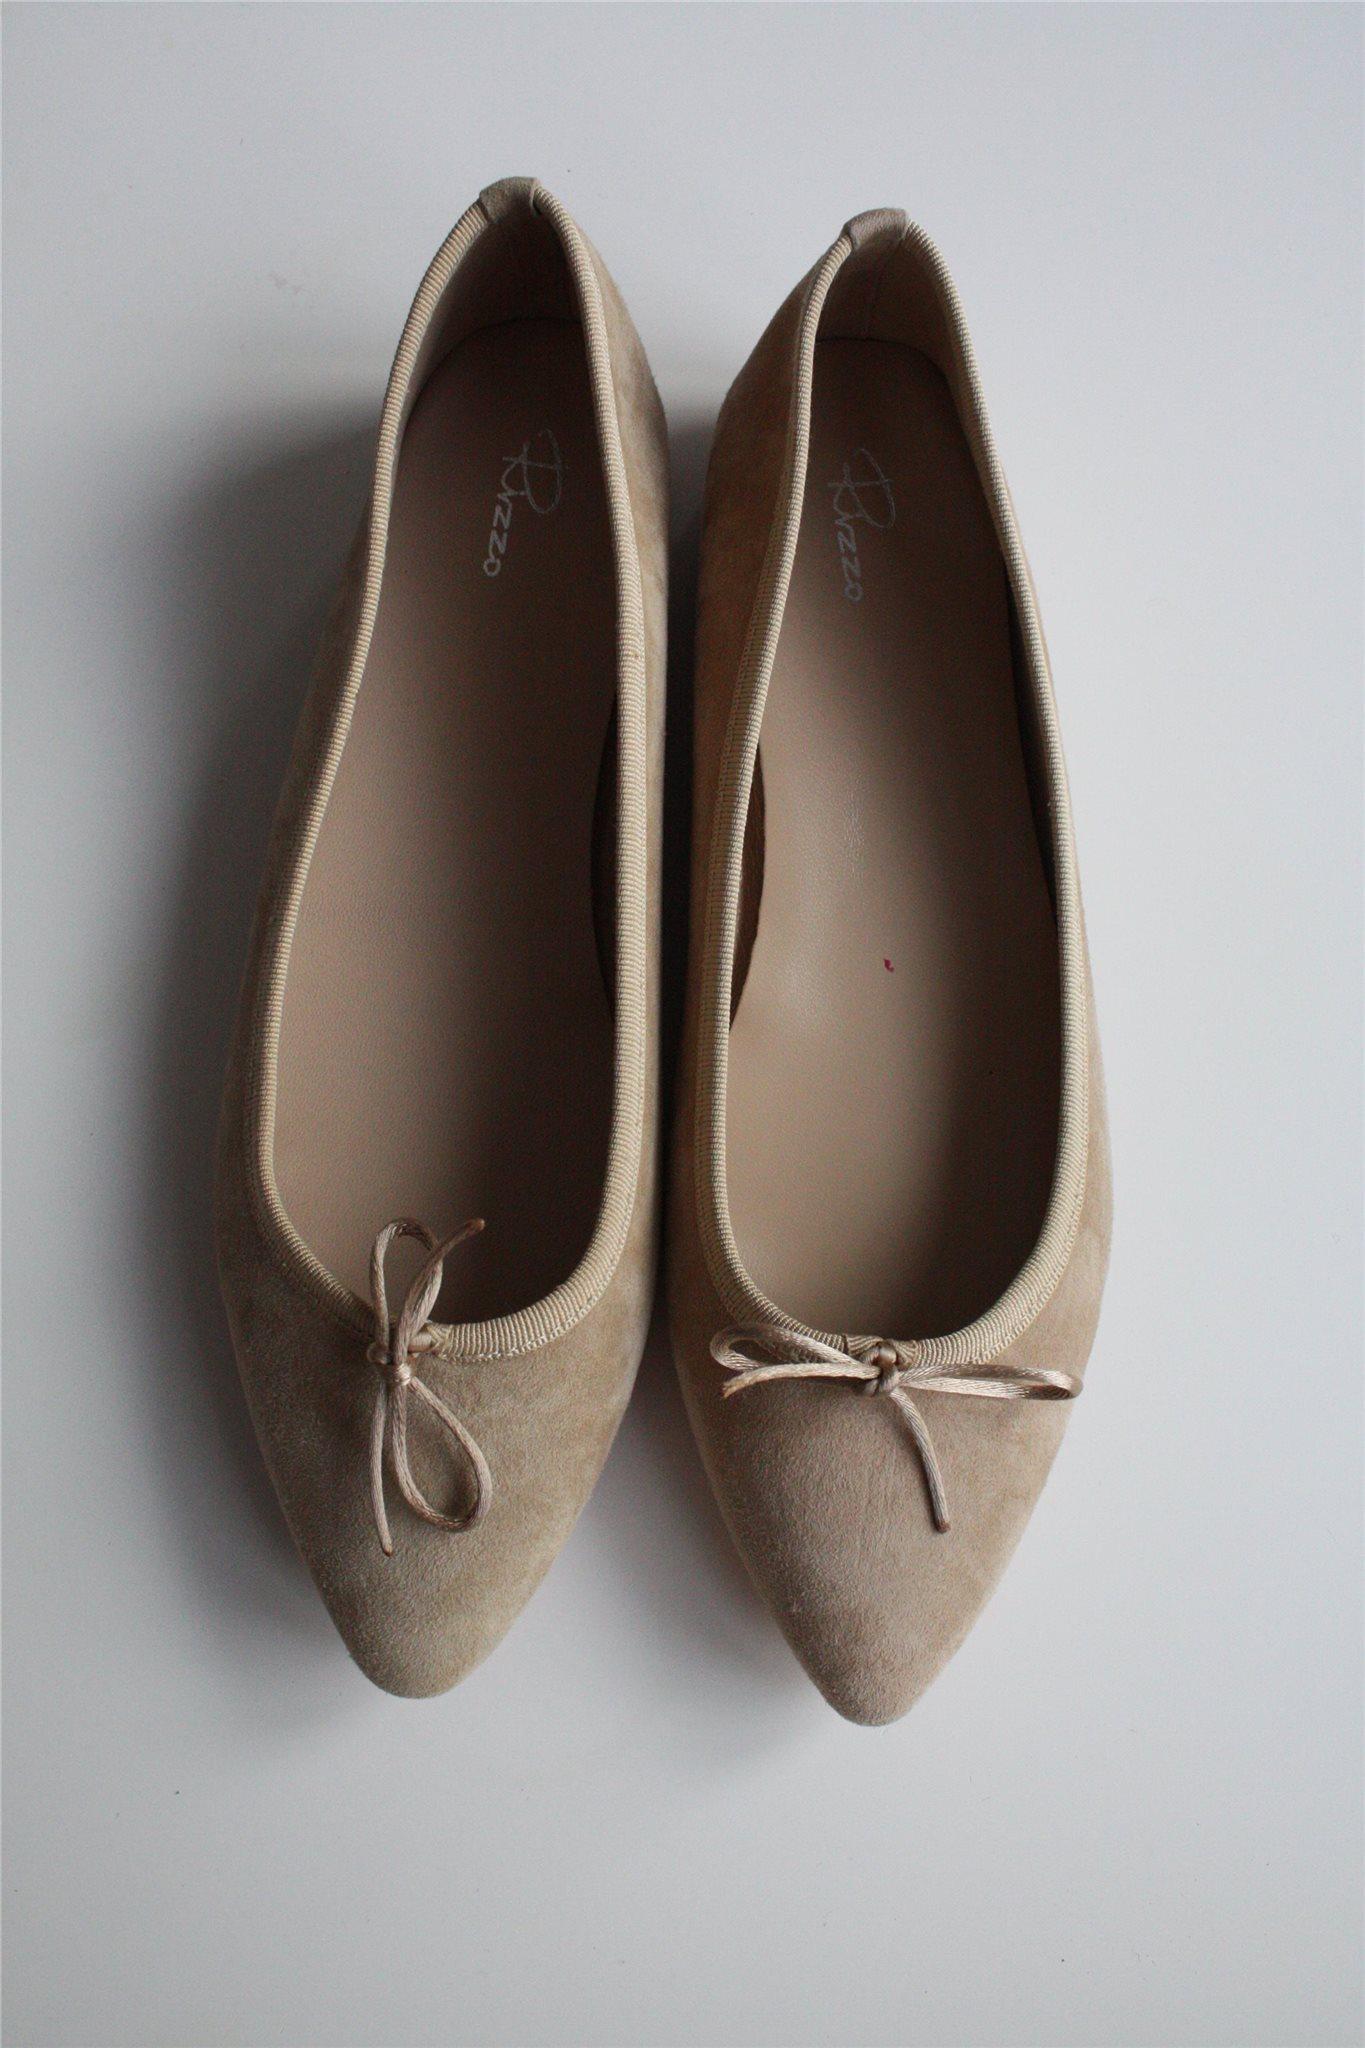 4206f2c5280 Ballerinaskor i mocka, Beige, Rizzo, stl 41, nya (338474728) ᐈ Köp ...